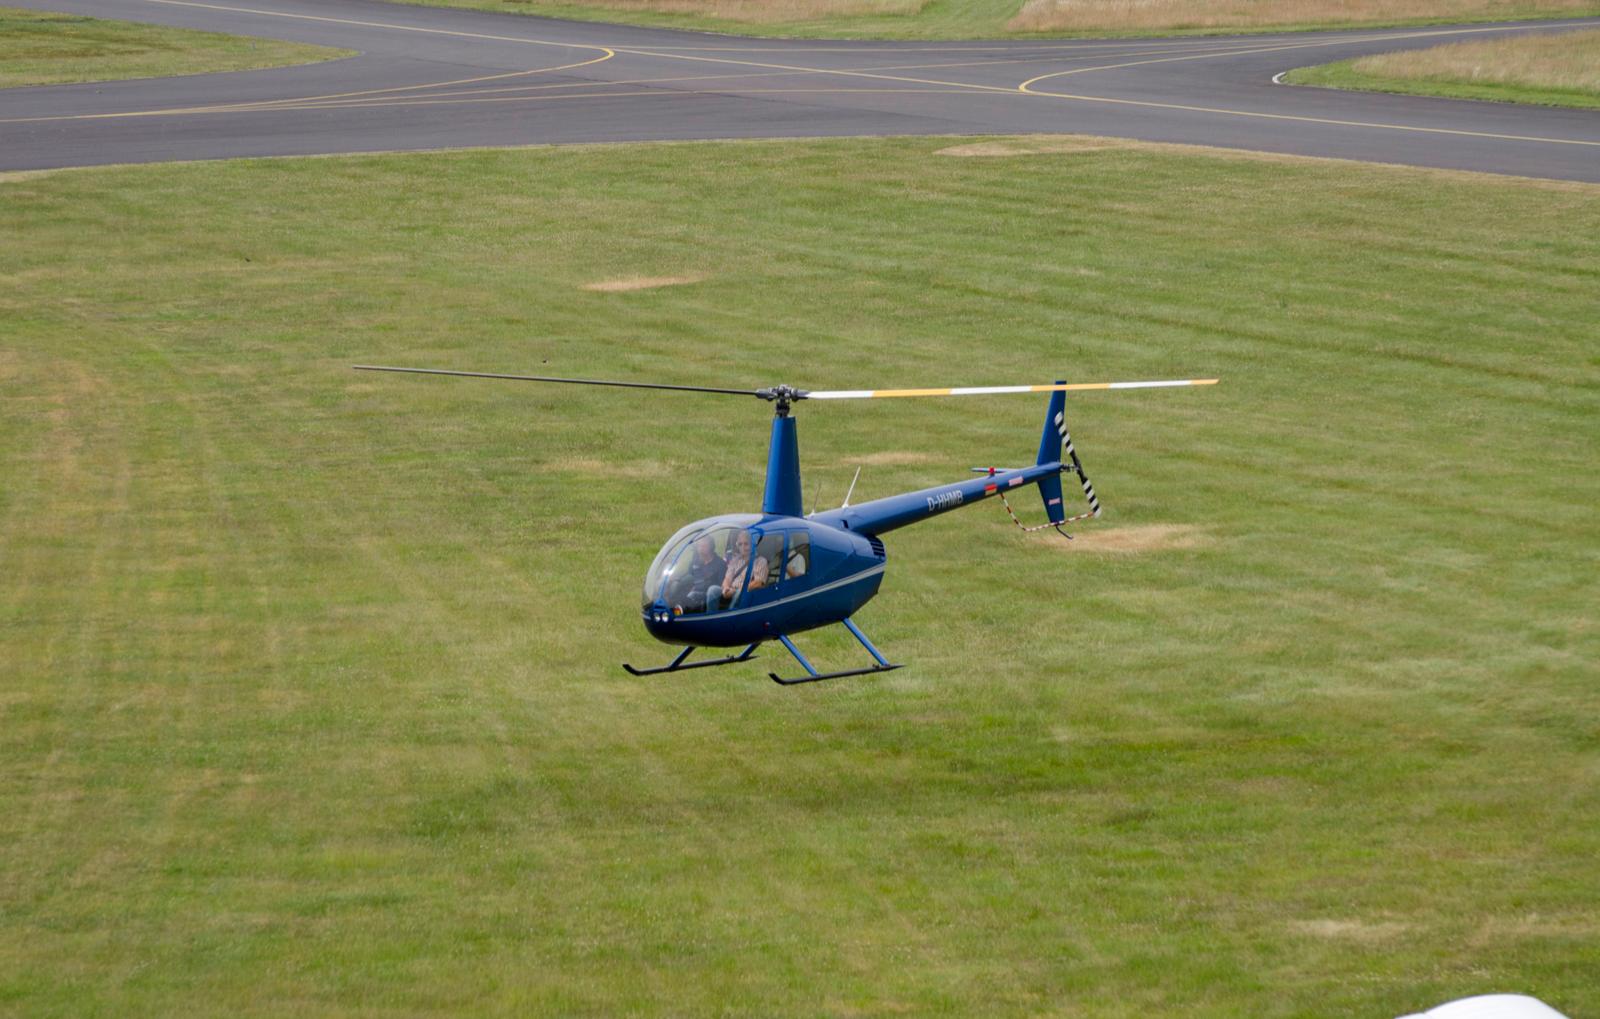 hubschrauber-rundflug-atting-bg41622532861